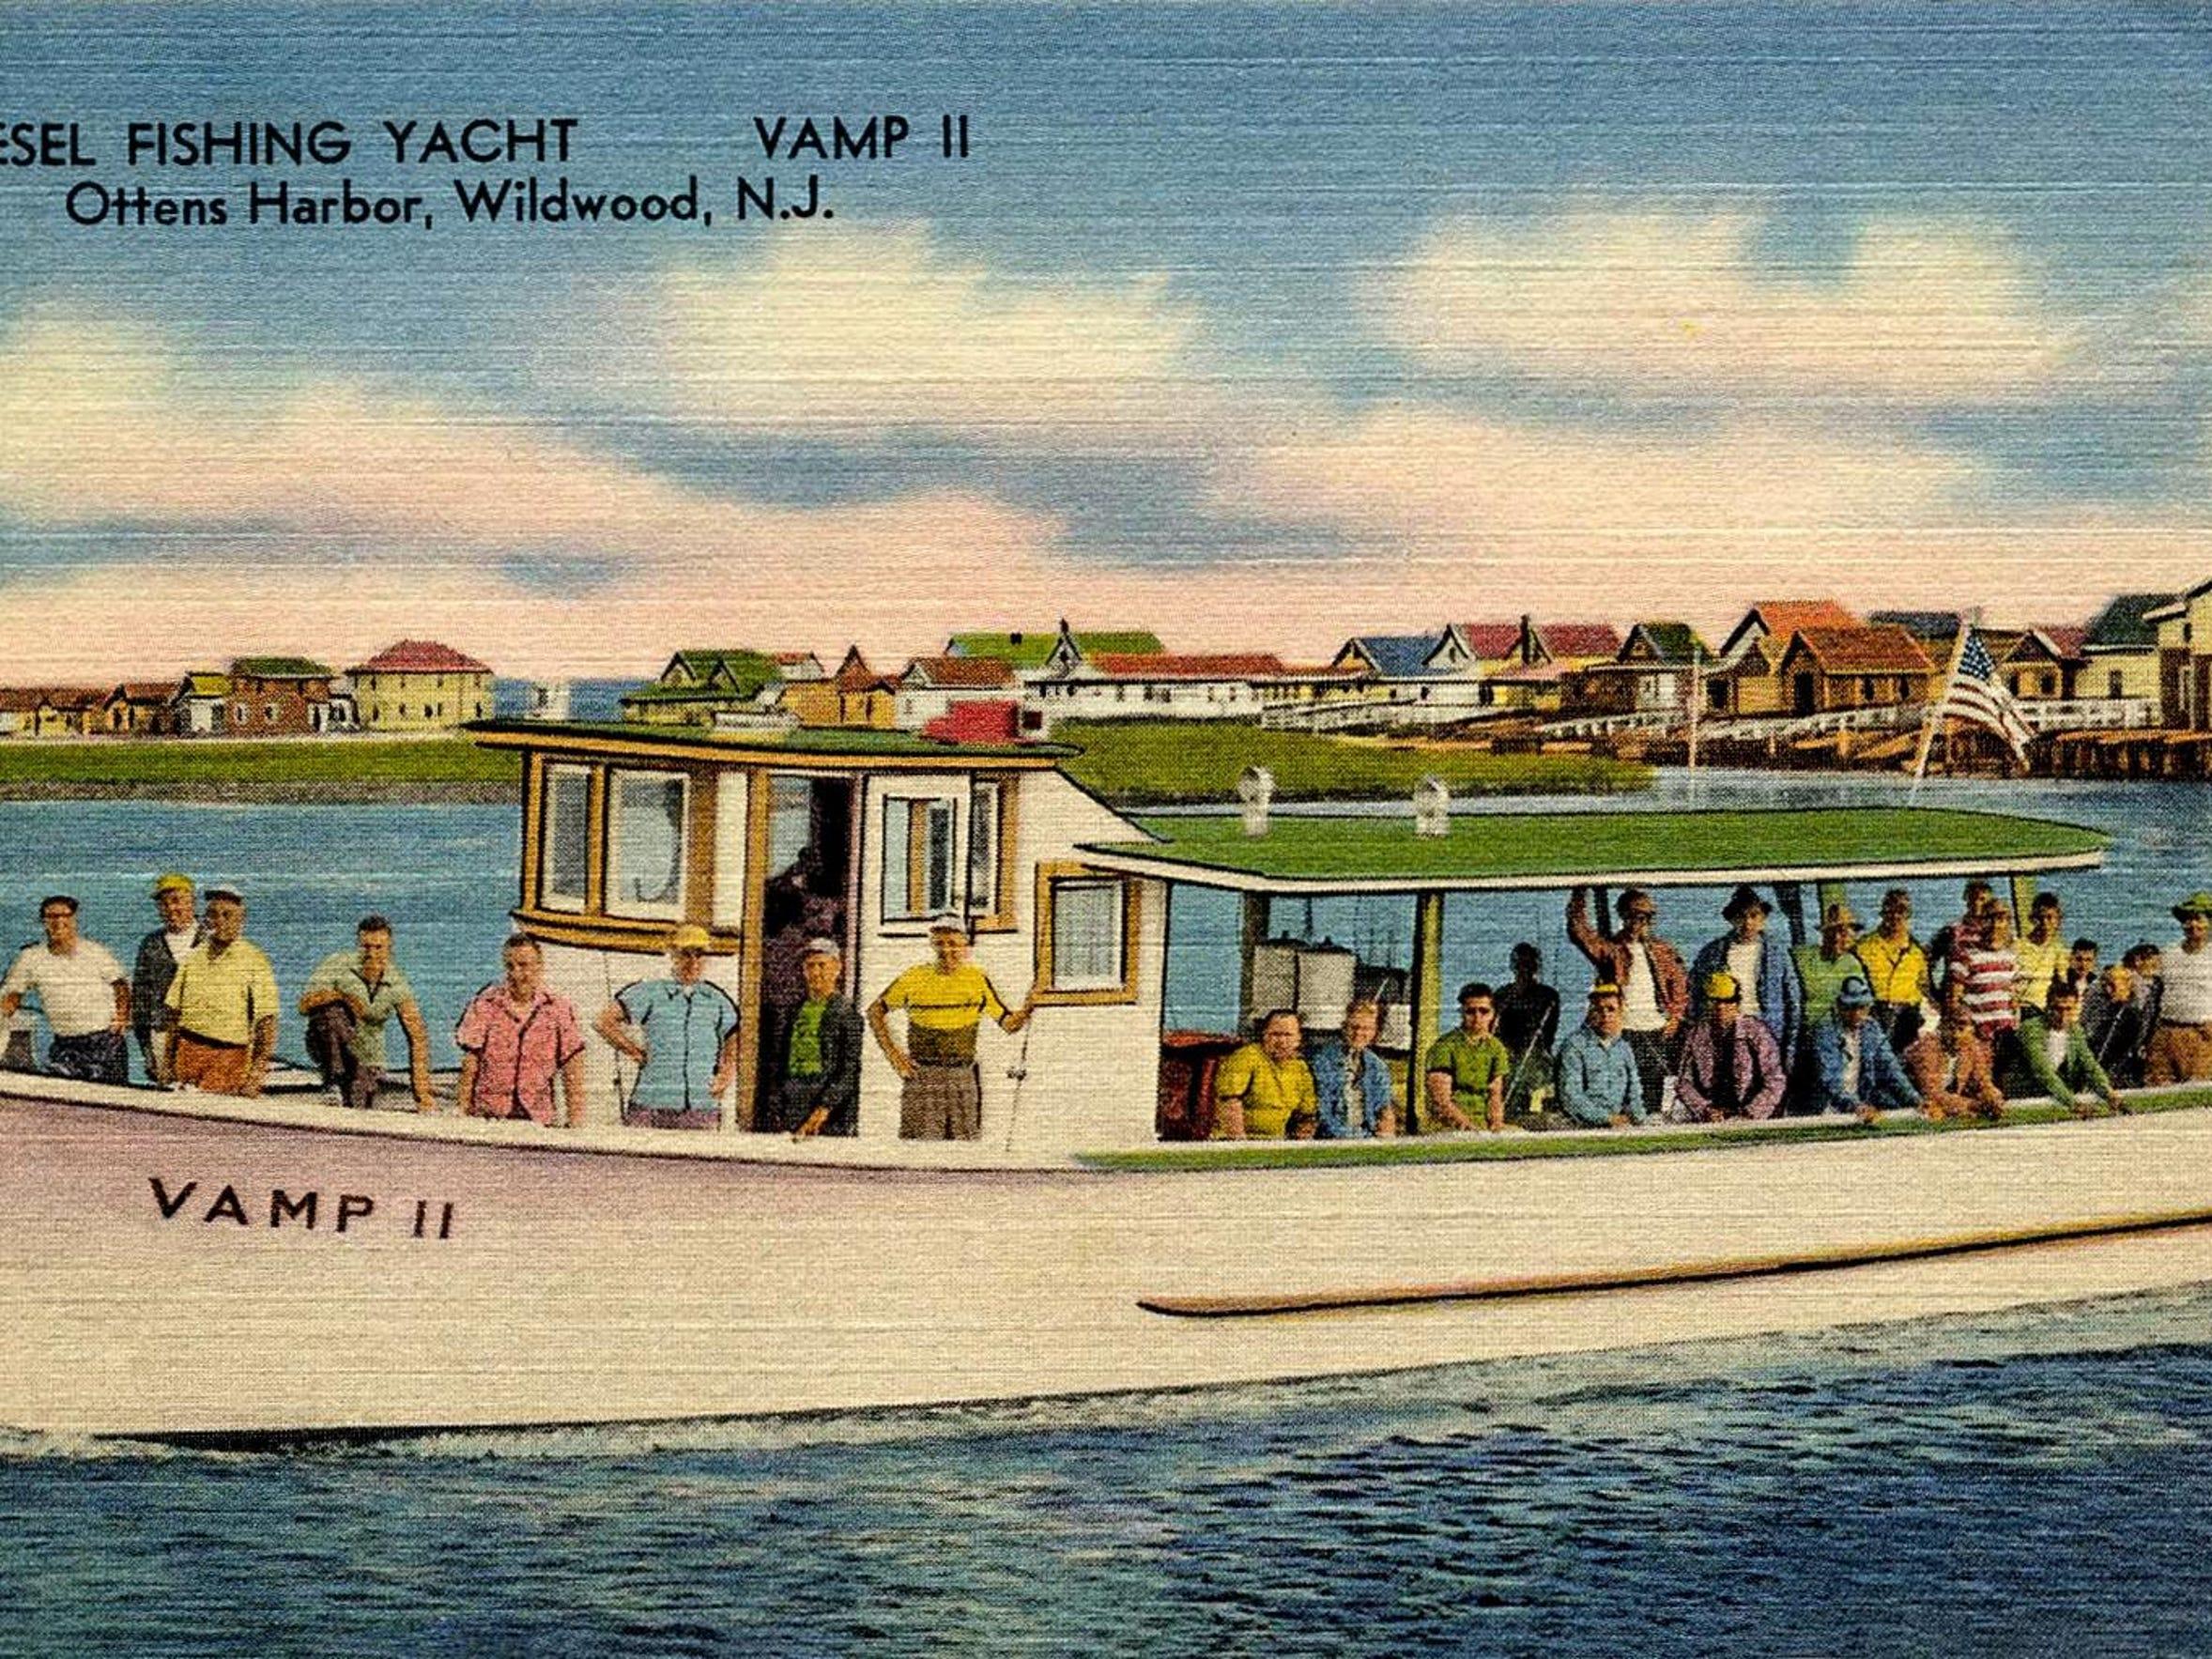 1693 - VAMP II 1955 (Edited)